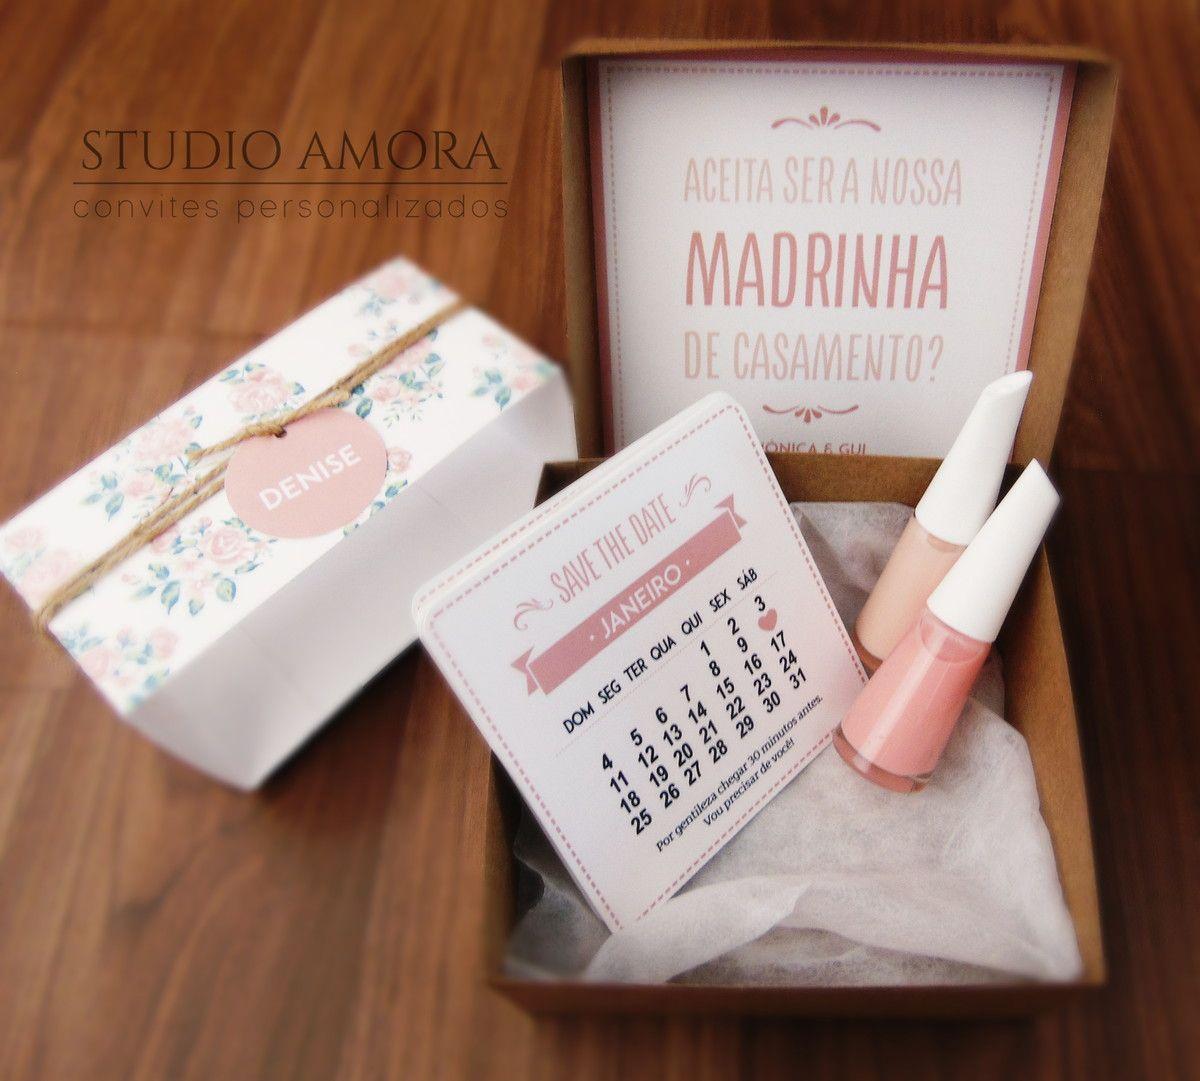 Bonequinhas Convite Madrinhas Convite Madrinhas Madrinha E Convites